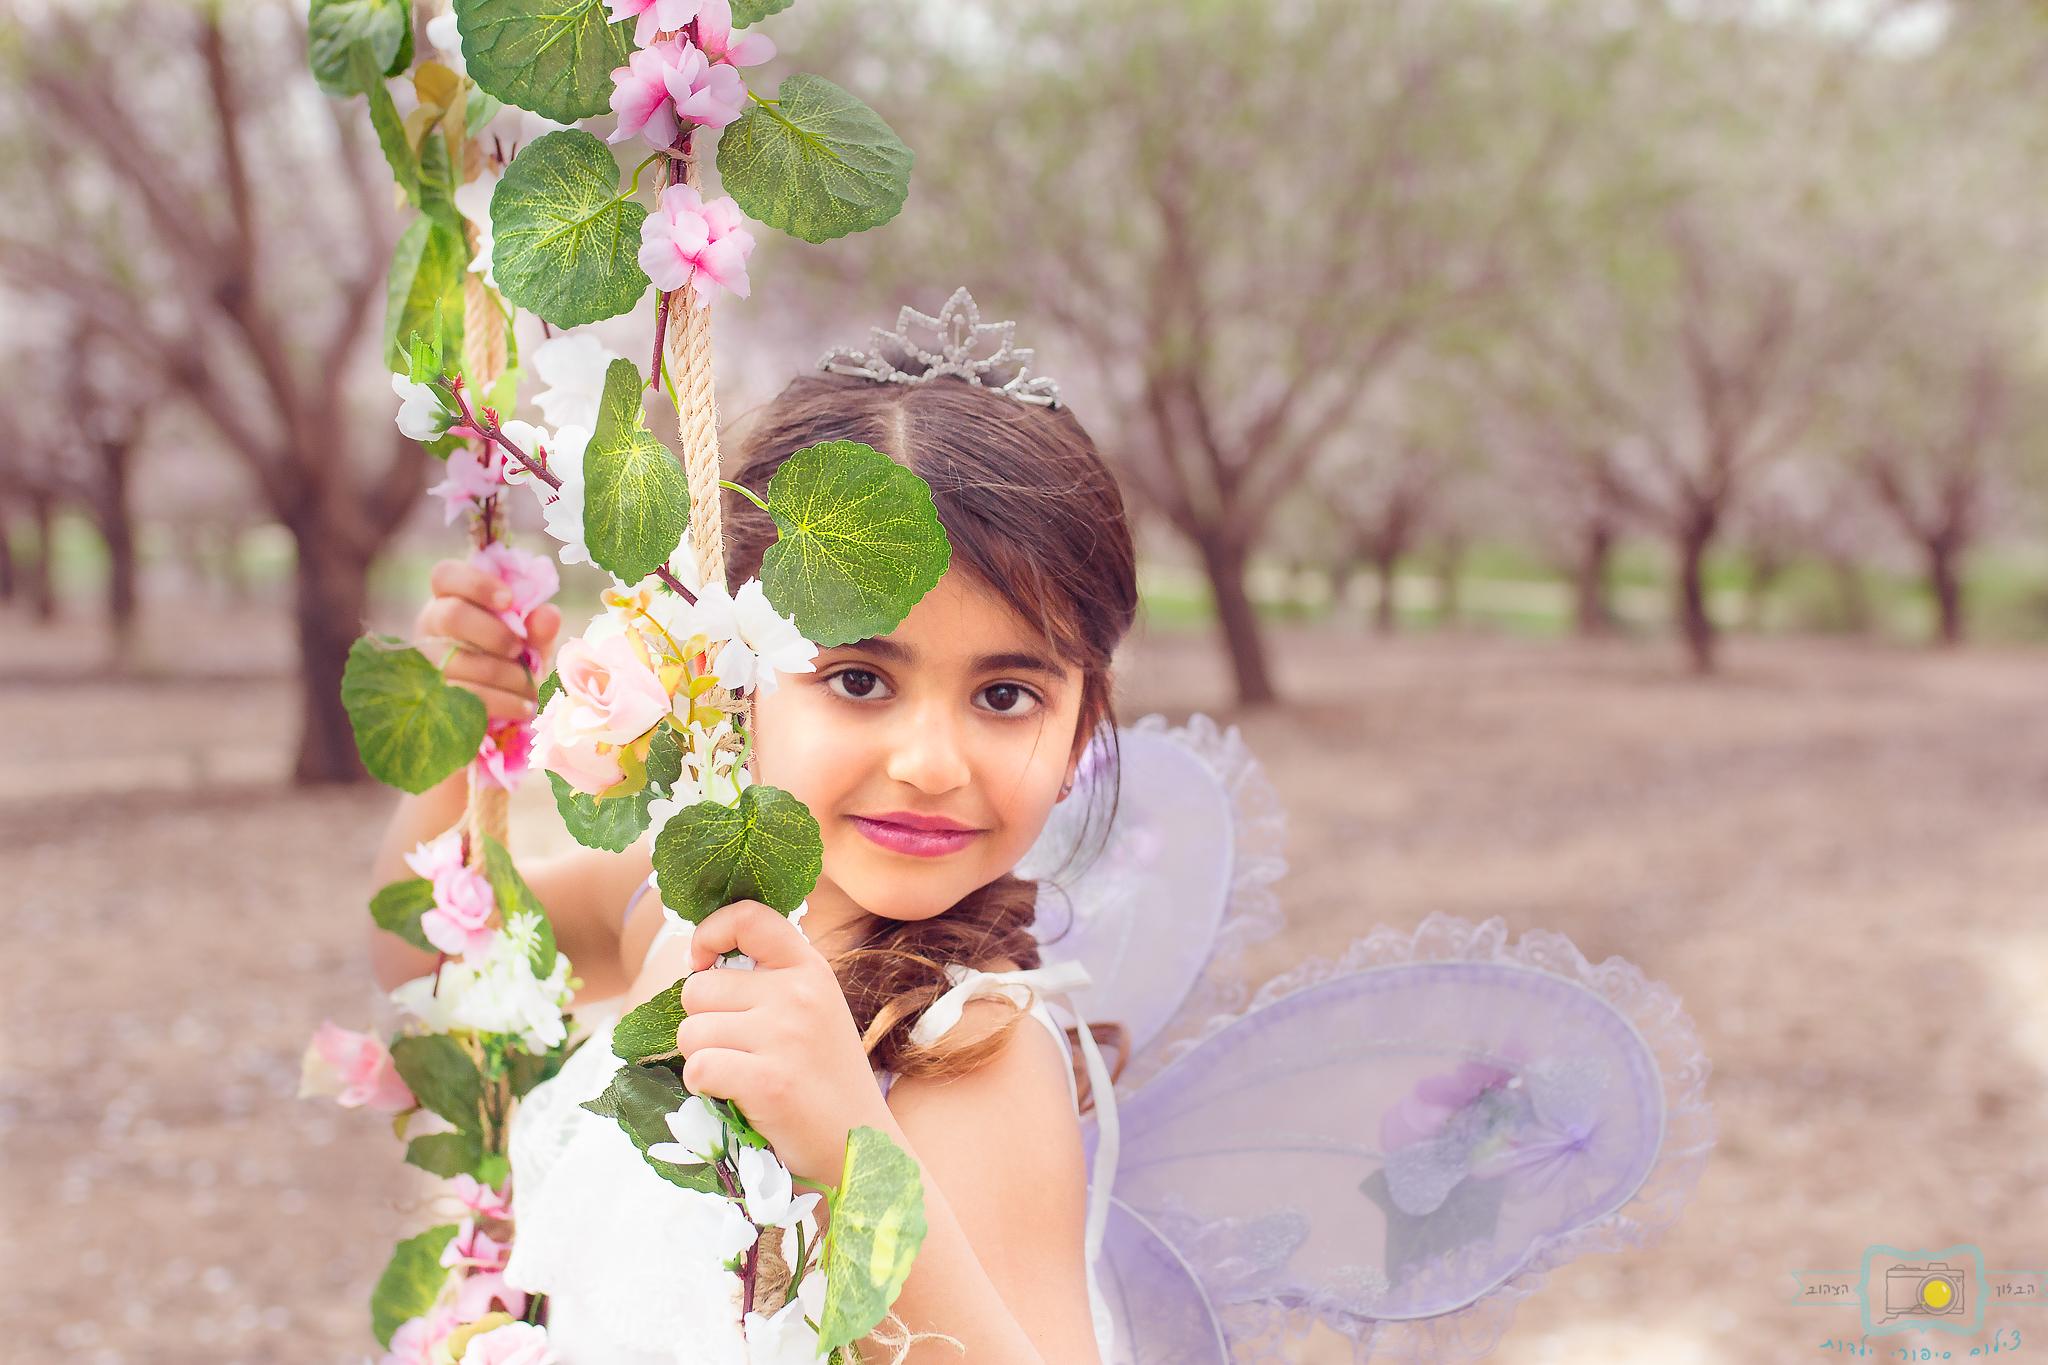 הבלון הצהוב- סטודיו לצילום ועיצוב גרפי IMG_0175-Edit פיית השקדיות- צילומי קונספט לילדים